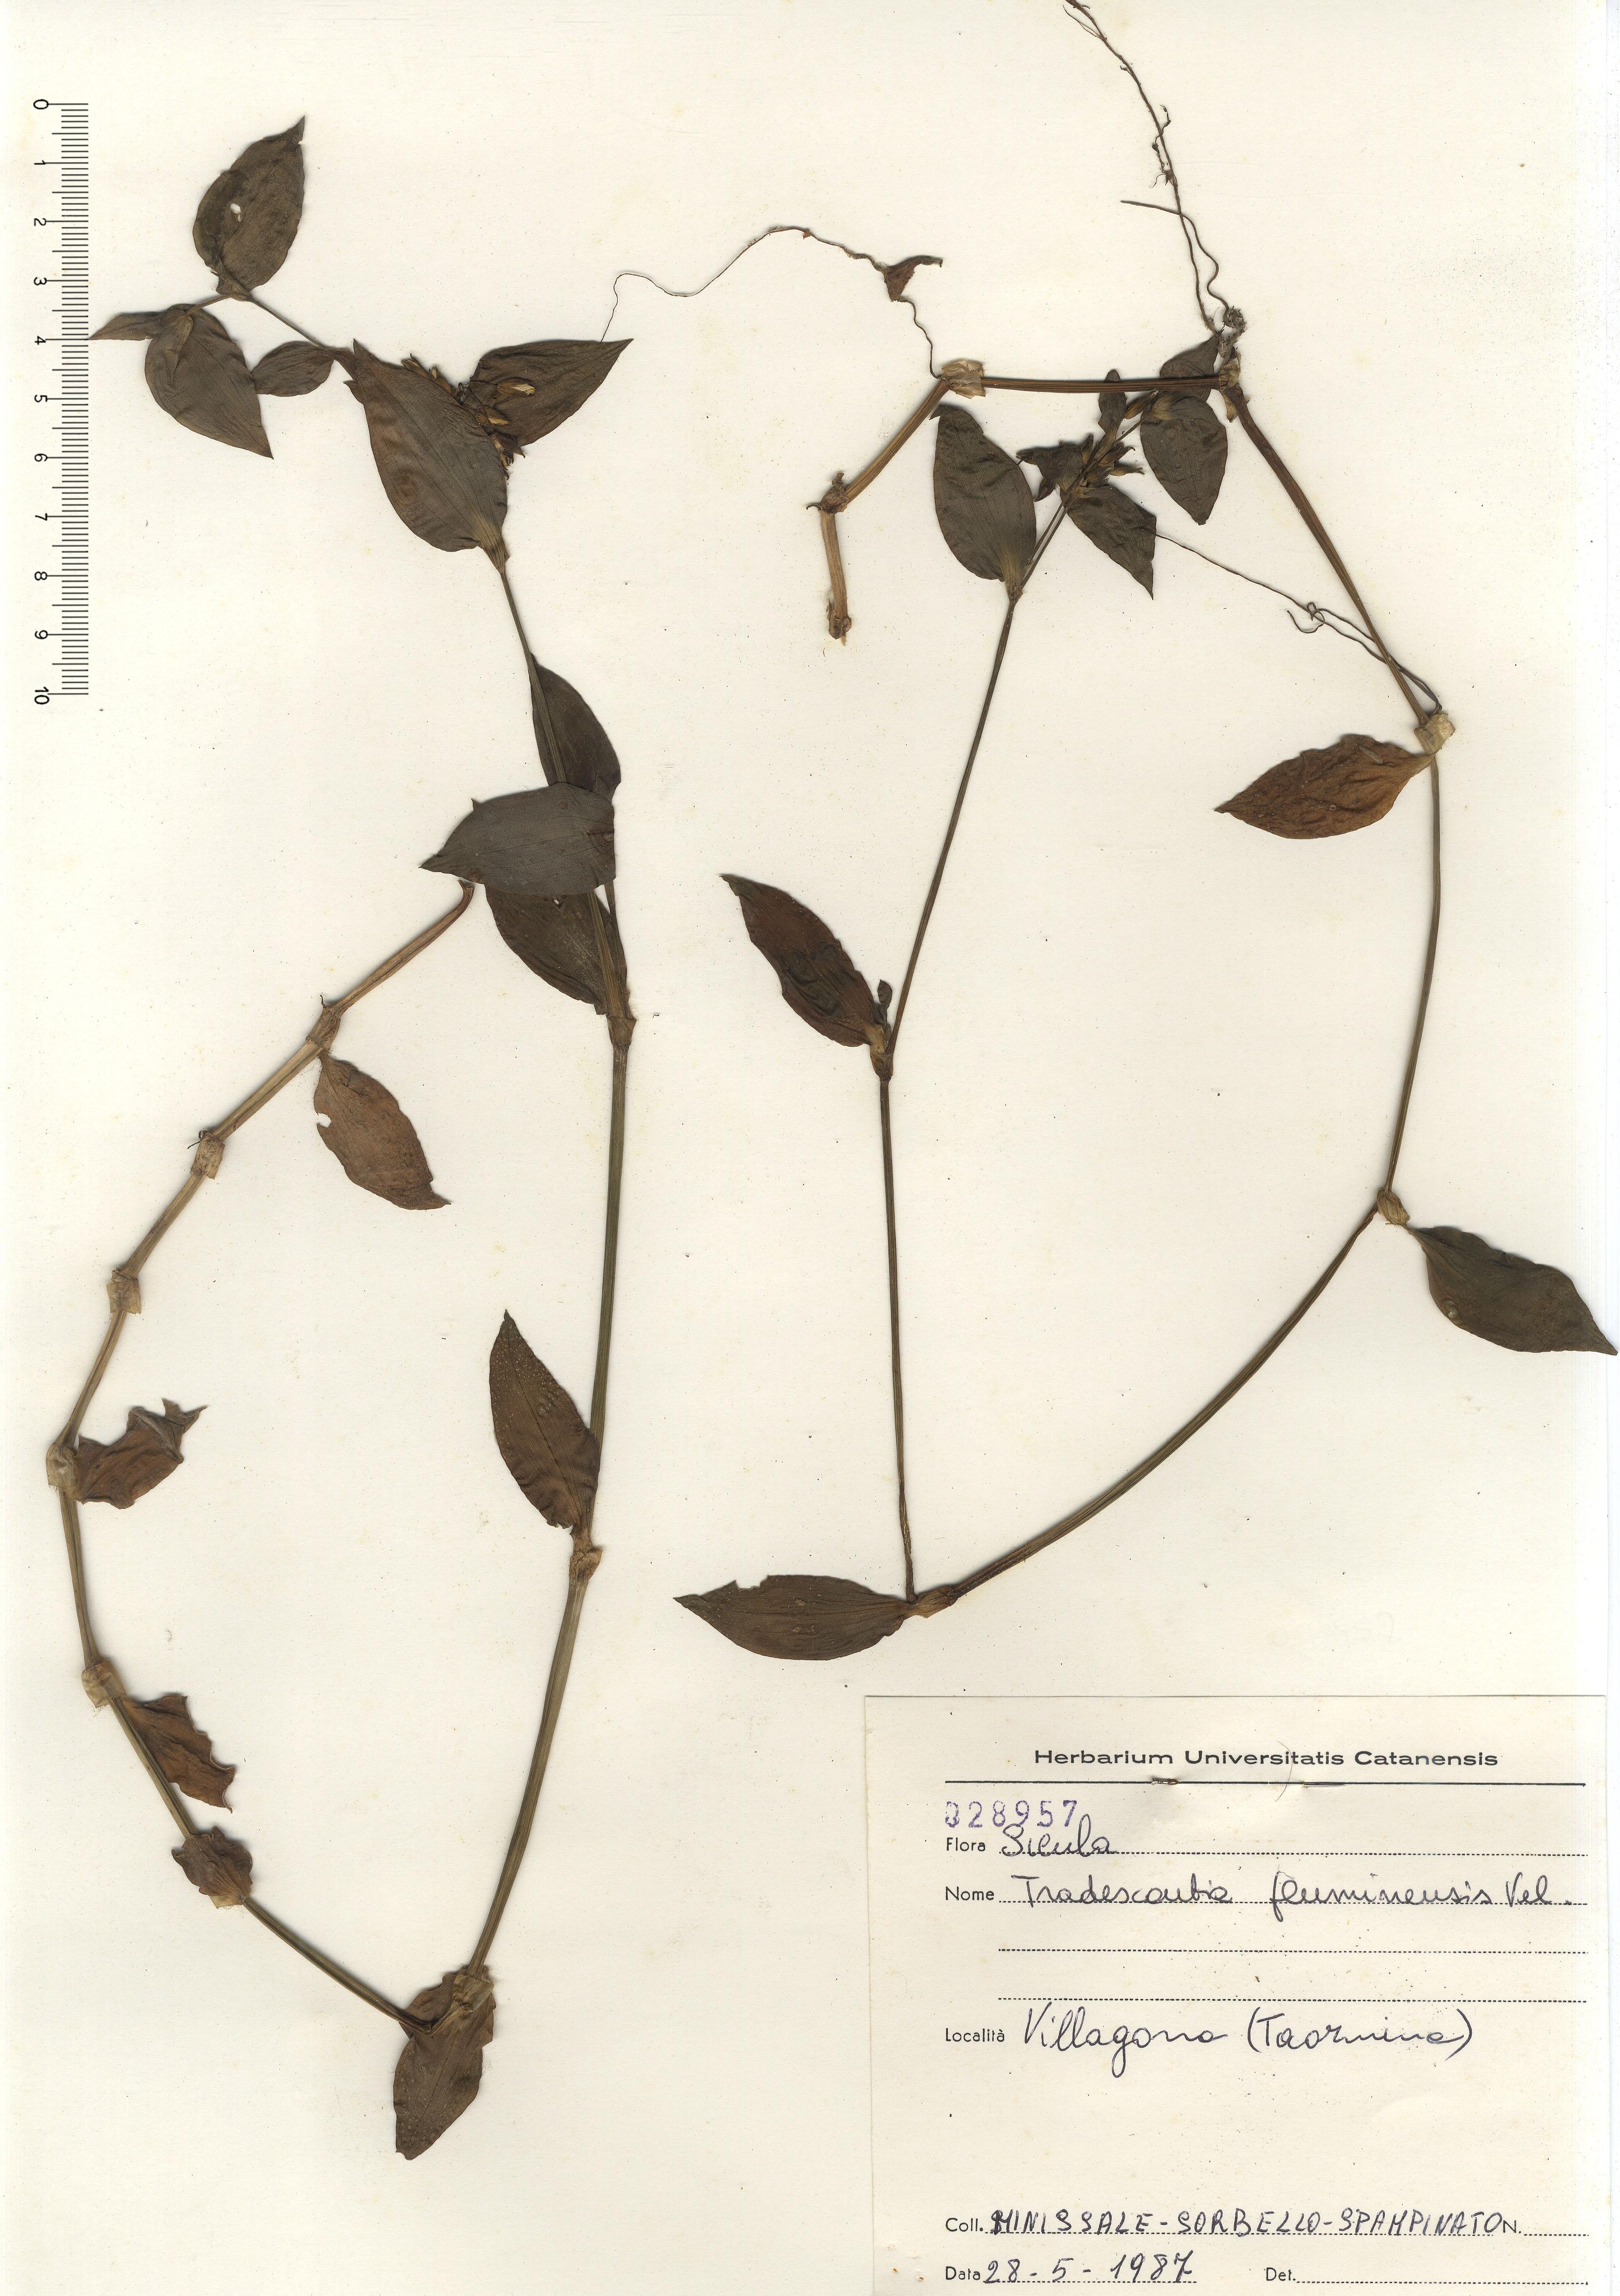 © Hortus Botanicus Catinensis - Herb. sheet 028957<br>